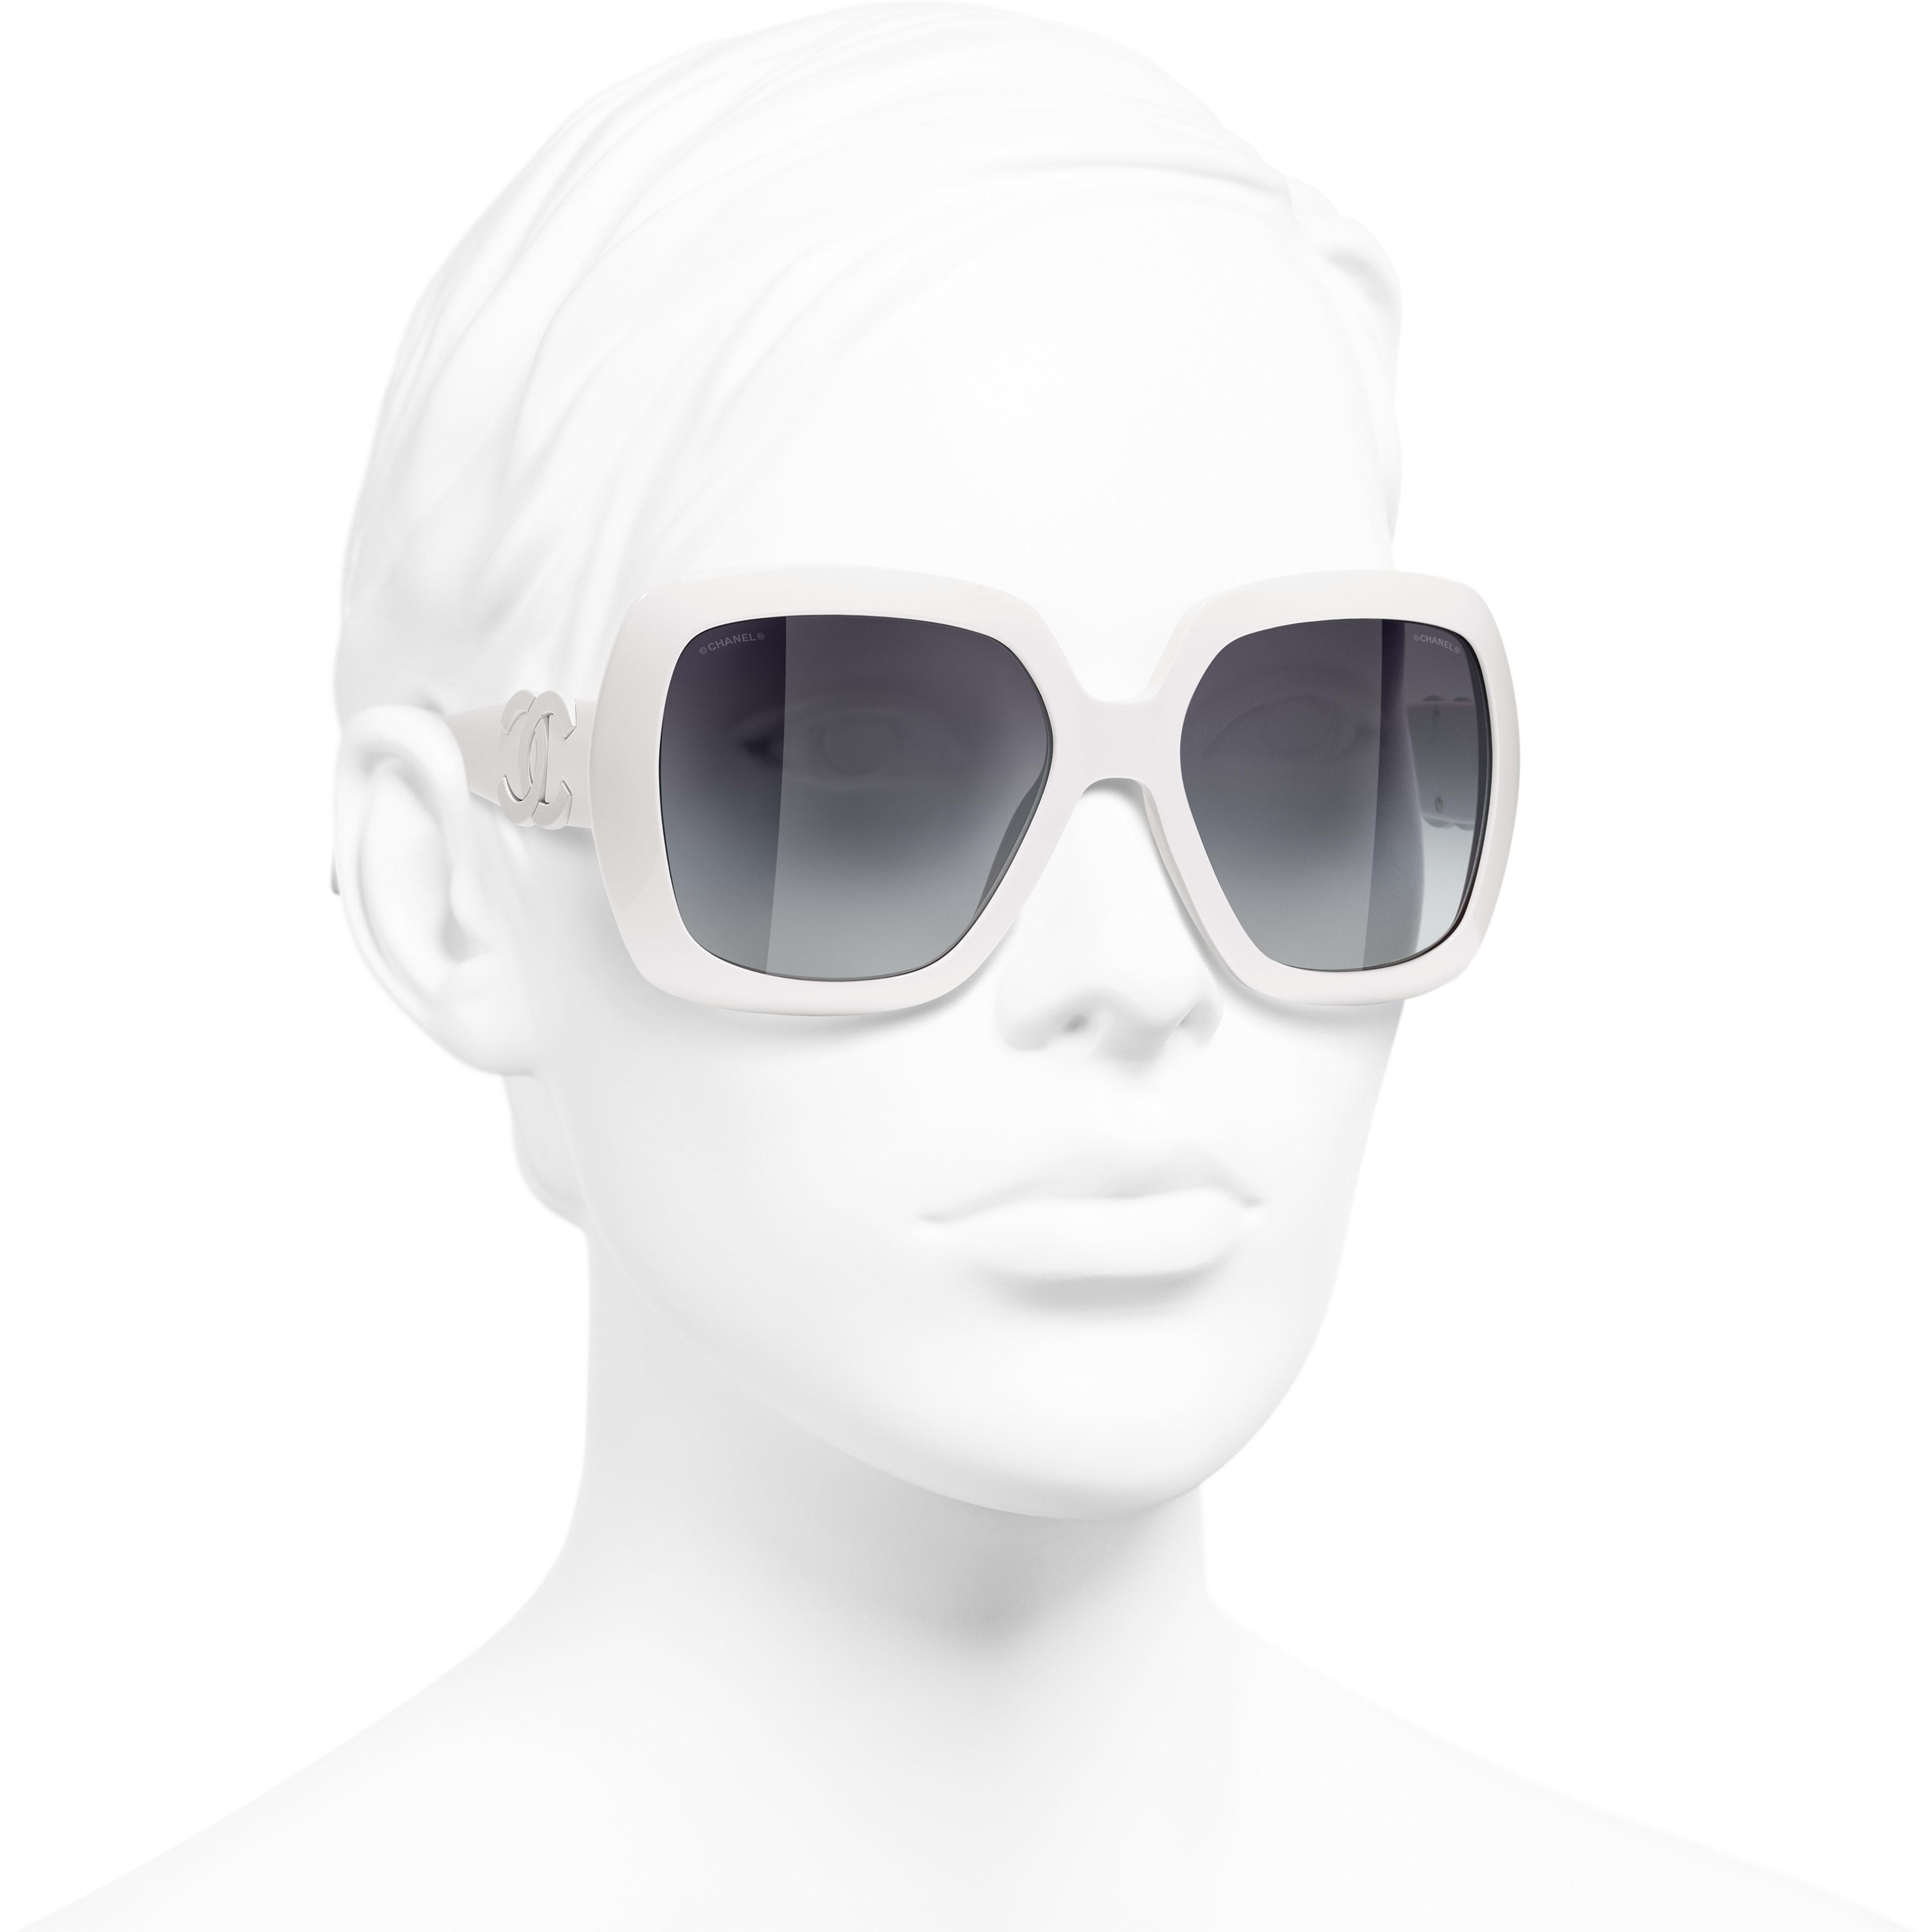 แว่นตากันแดดทรงเหลี่ยม - สีขาว - อะซิเตท - CHANEL - มุมมองการสวมใส่ 3/4 - ดูเวอร์ชันขนาดมาตรฐาน